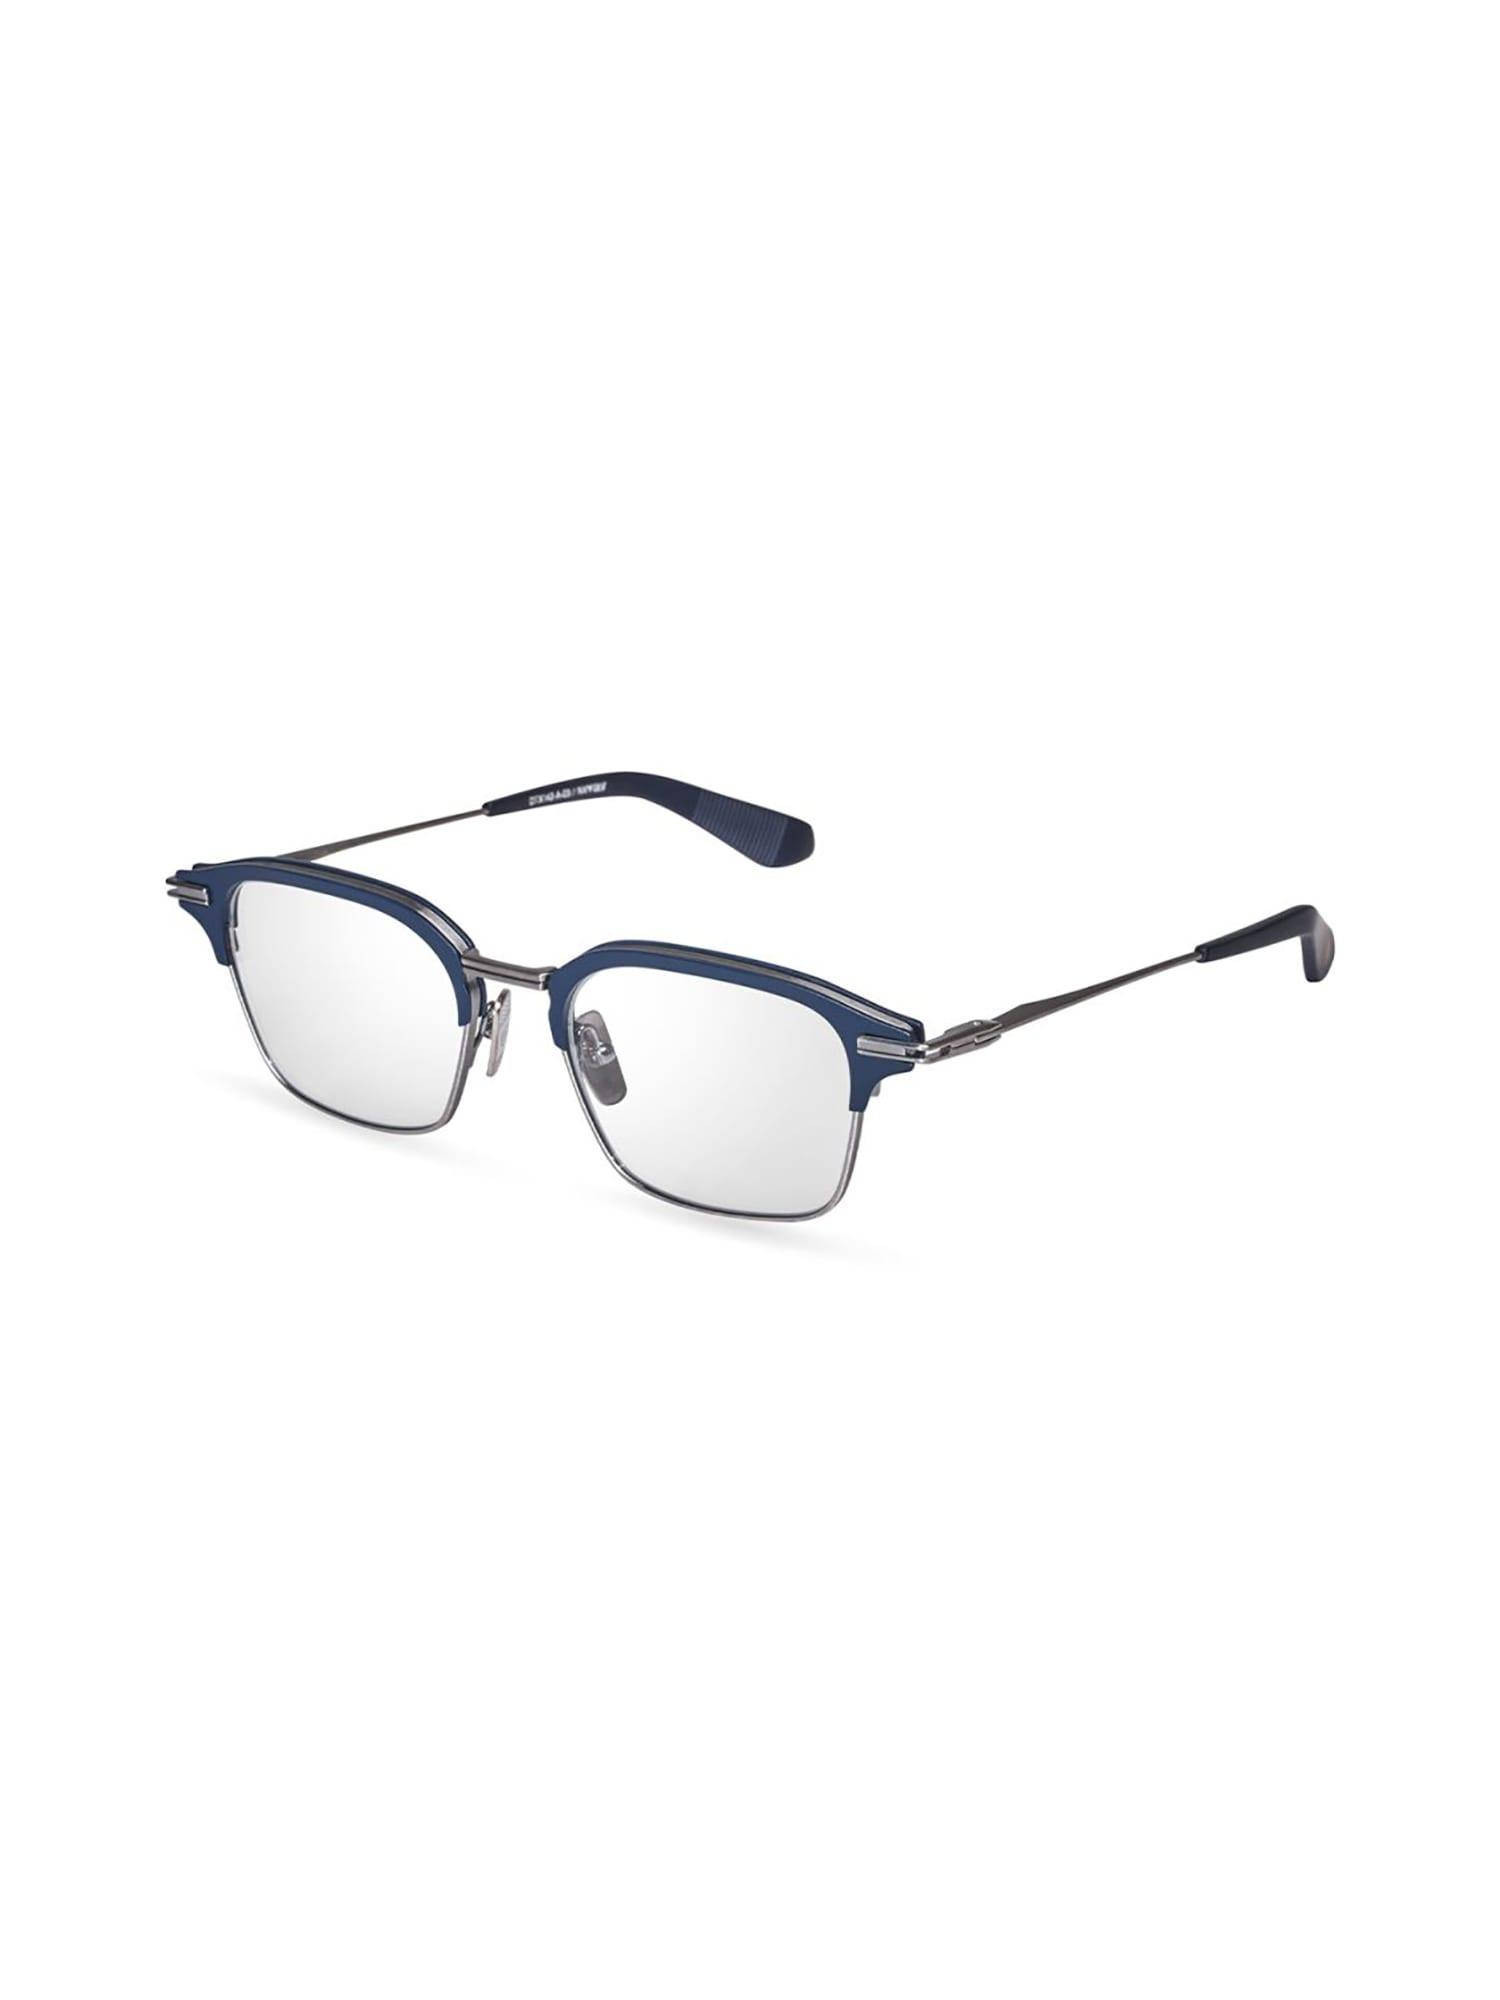 DTX142/A/03 TYPOGRPAHER Eyewear